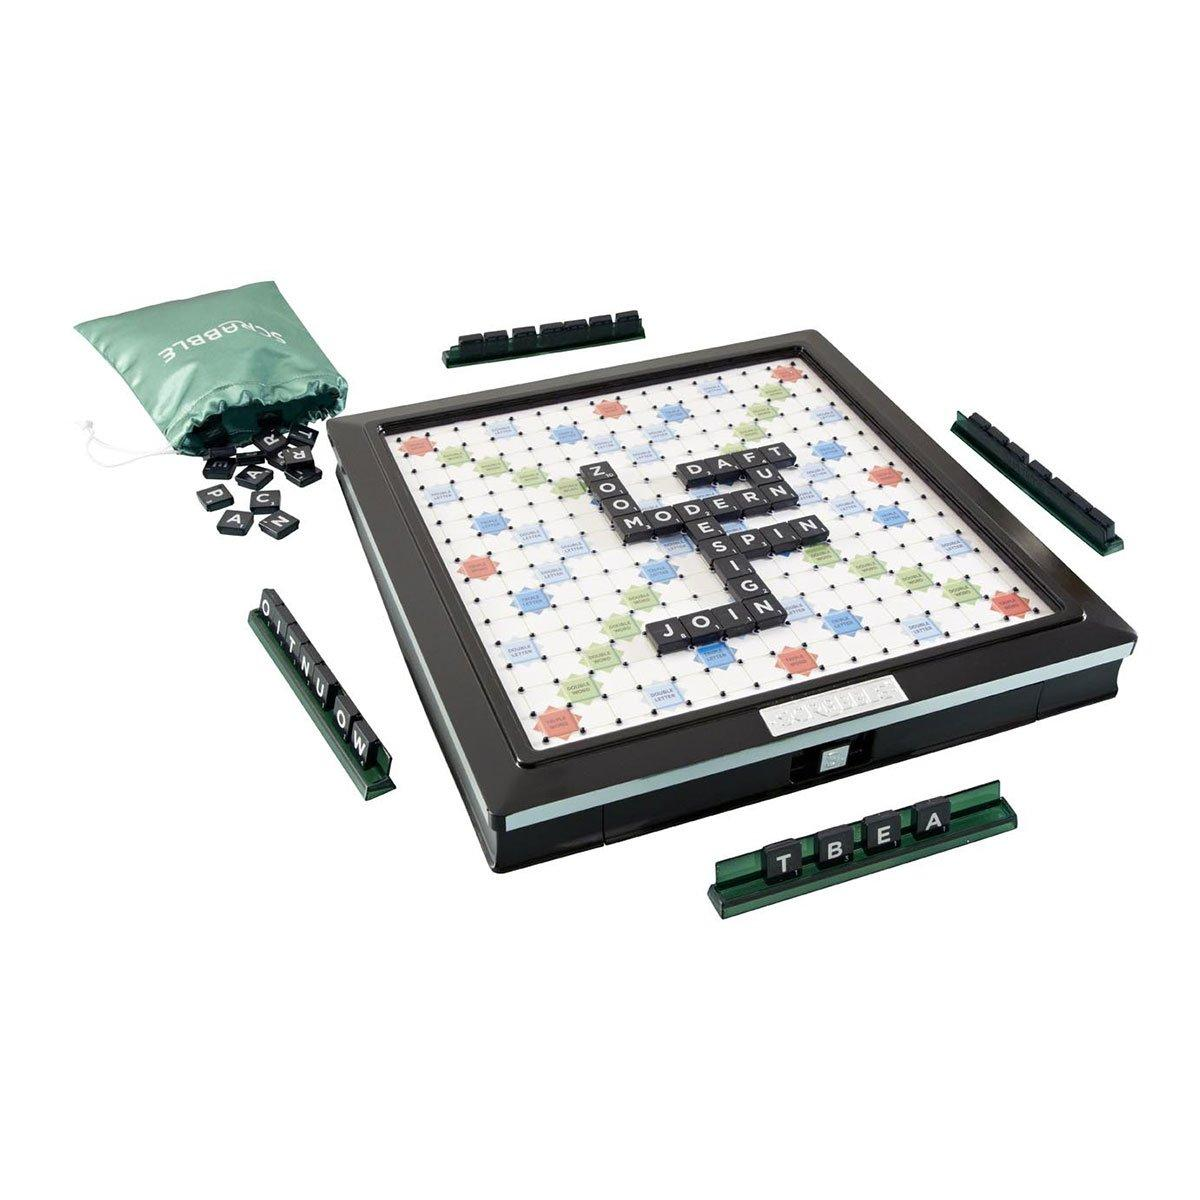 Scrabbledeluxe2